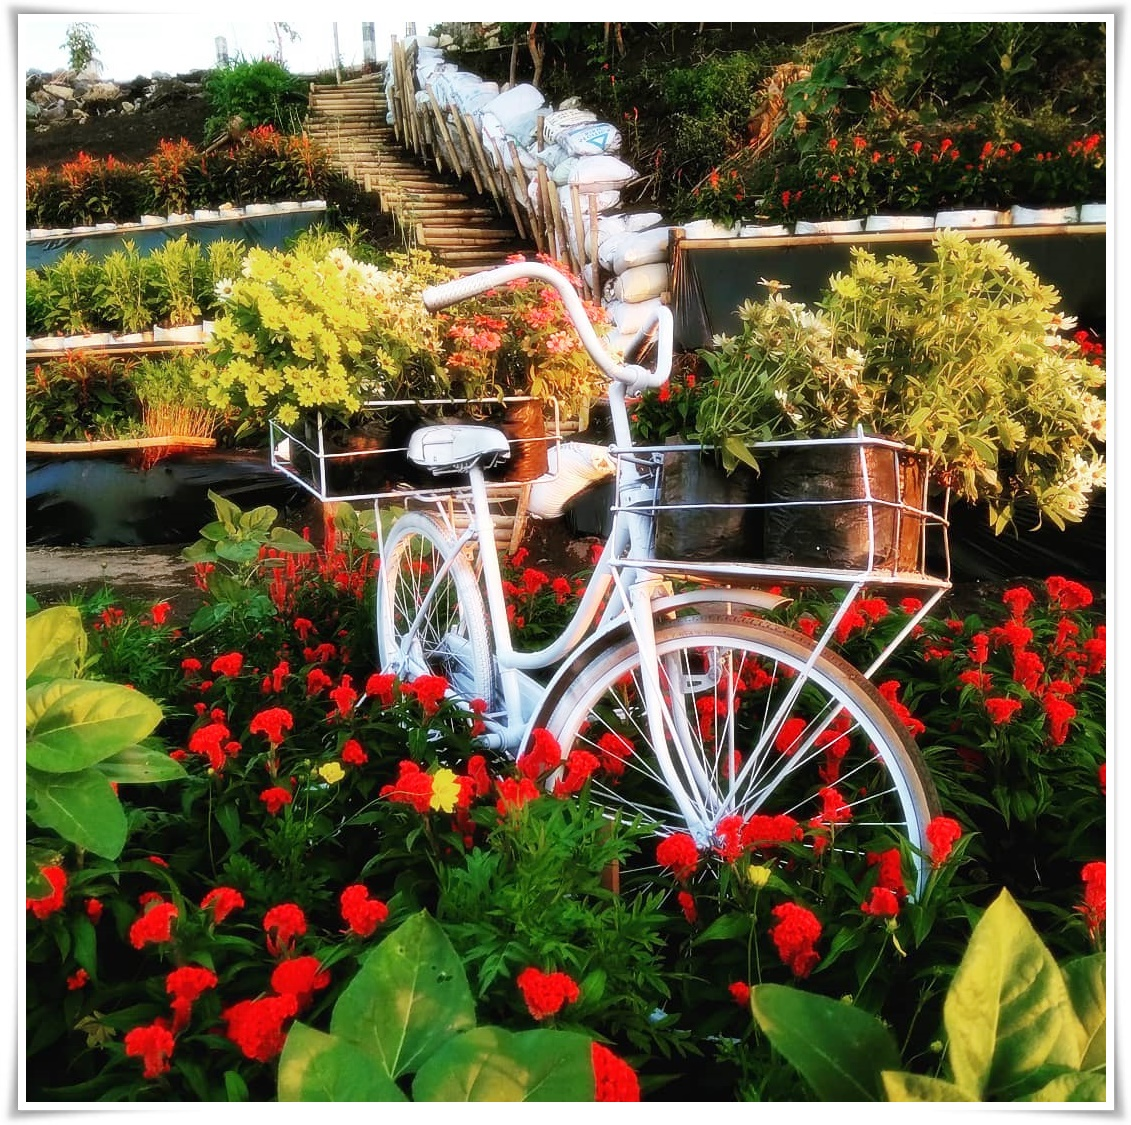 Gambar Sepeda Di Taman Bunga Matahari Bantul Resoinangun